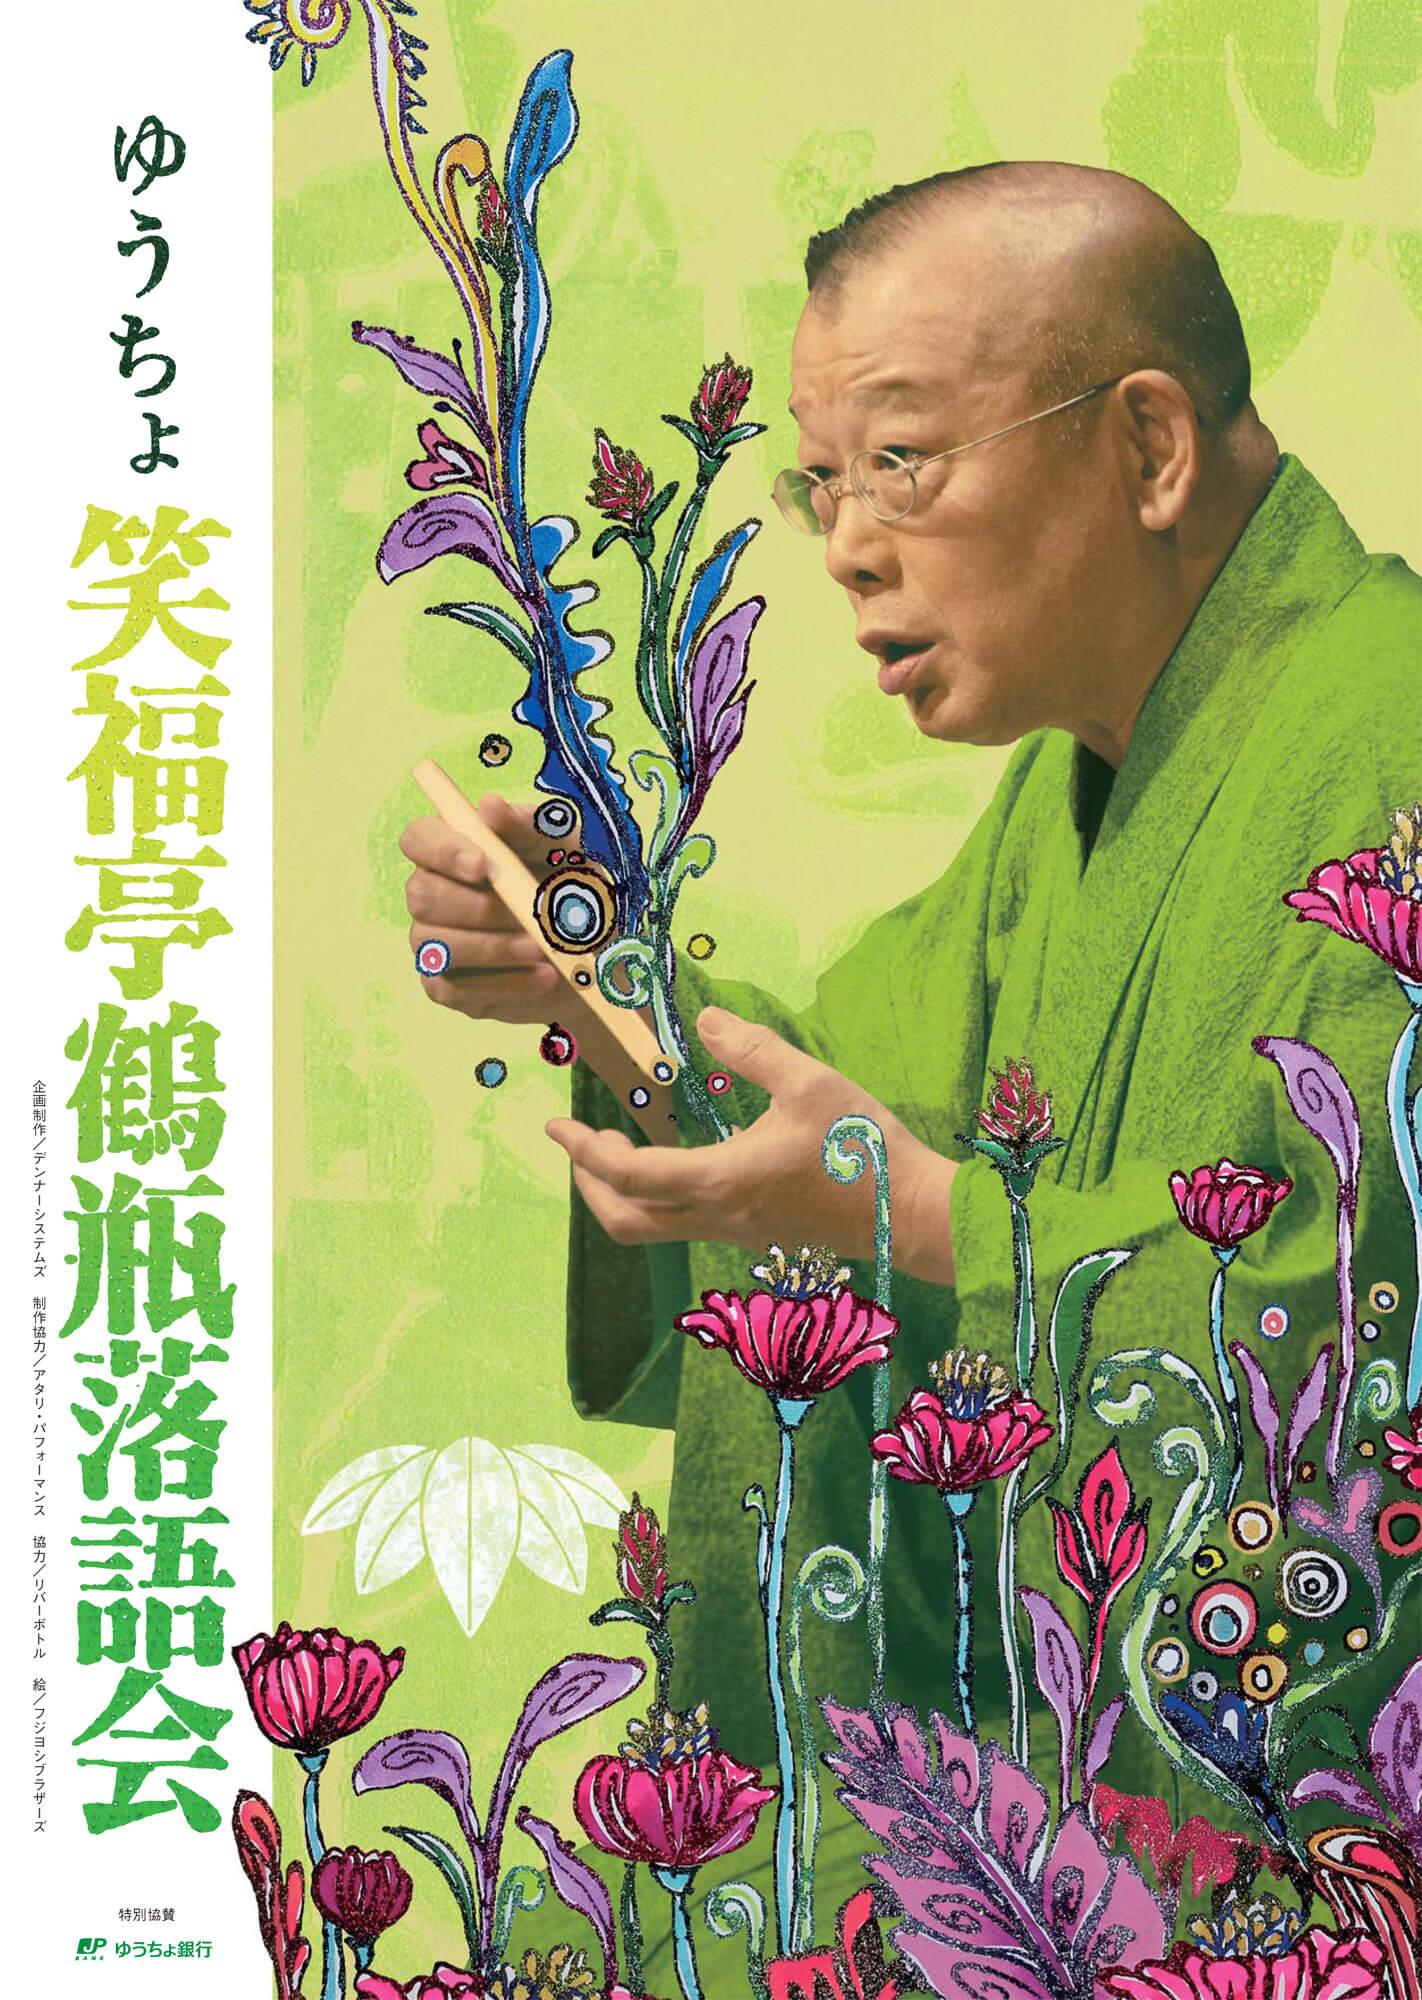 ゆうちょ笑福亭鶴瓶落語会, 2015改行 Art Direction & Design : Stand×   Fujiyoshi Brother's